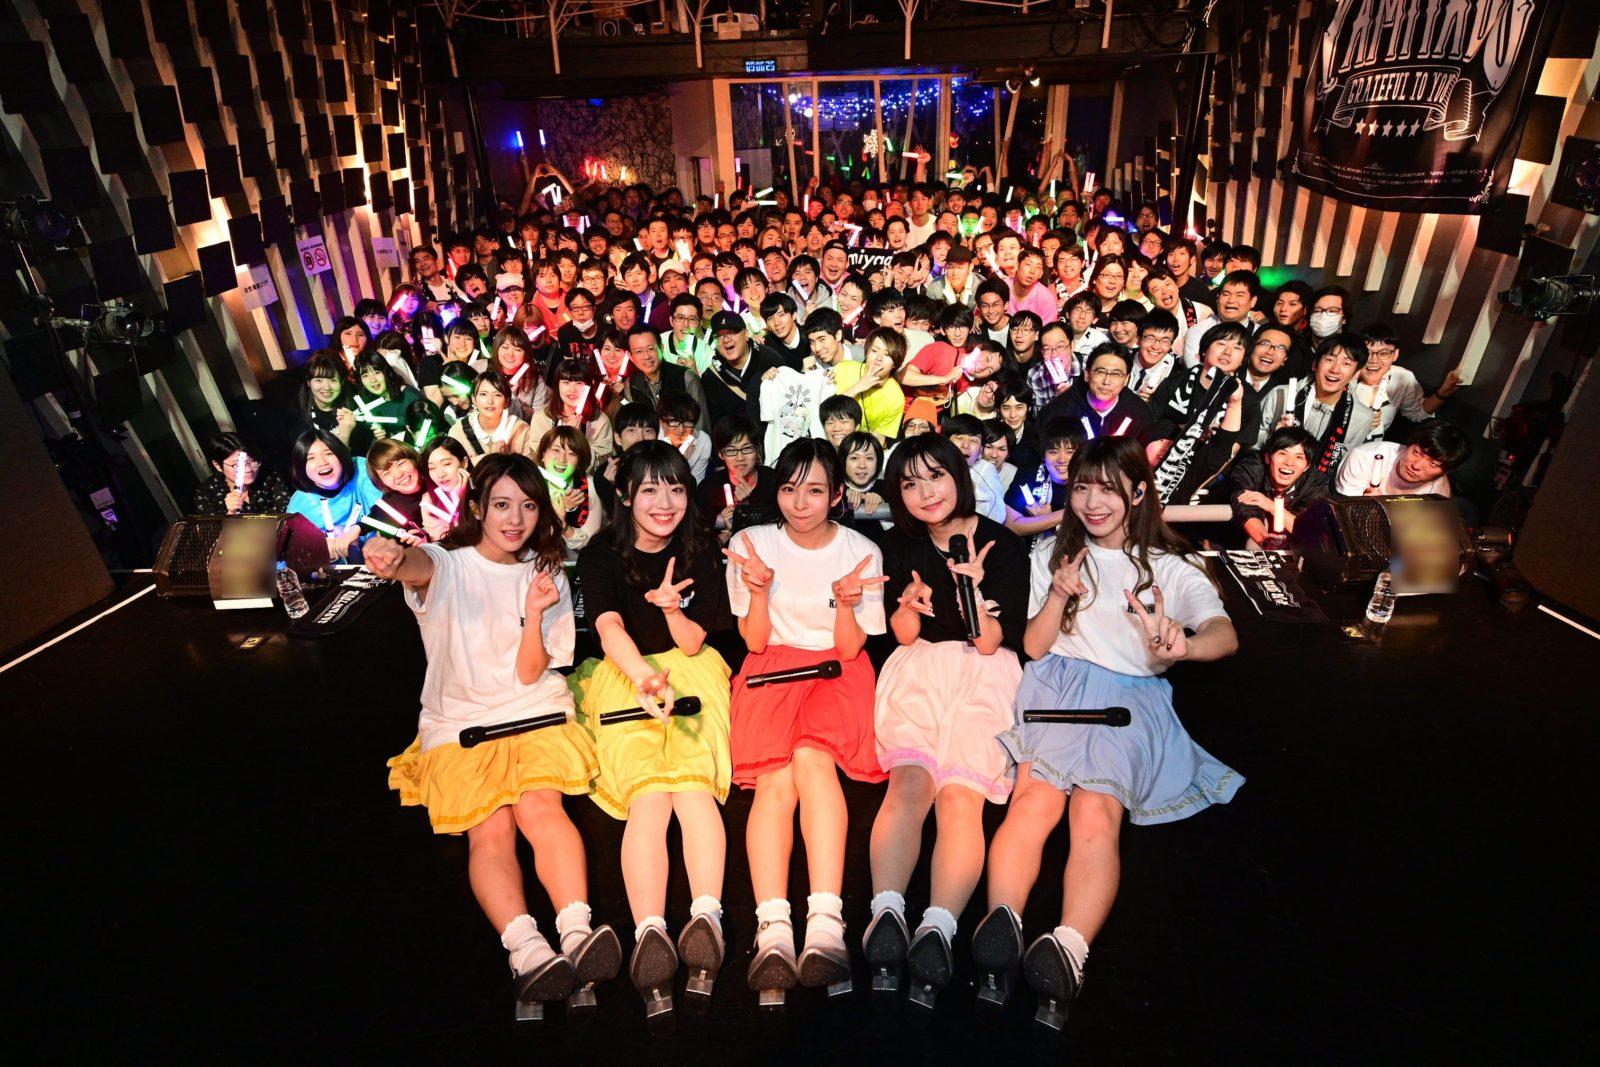 神宿、思い出の地でジャパンツアー開幕!衣装提供はオサレカンパニーサムネイル画像